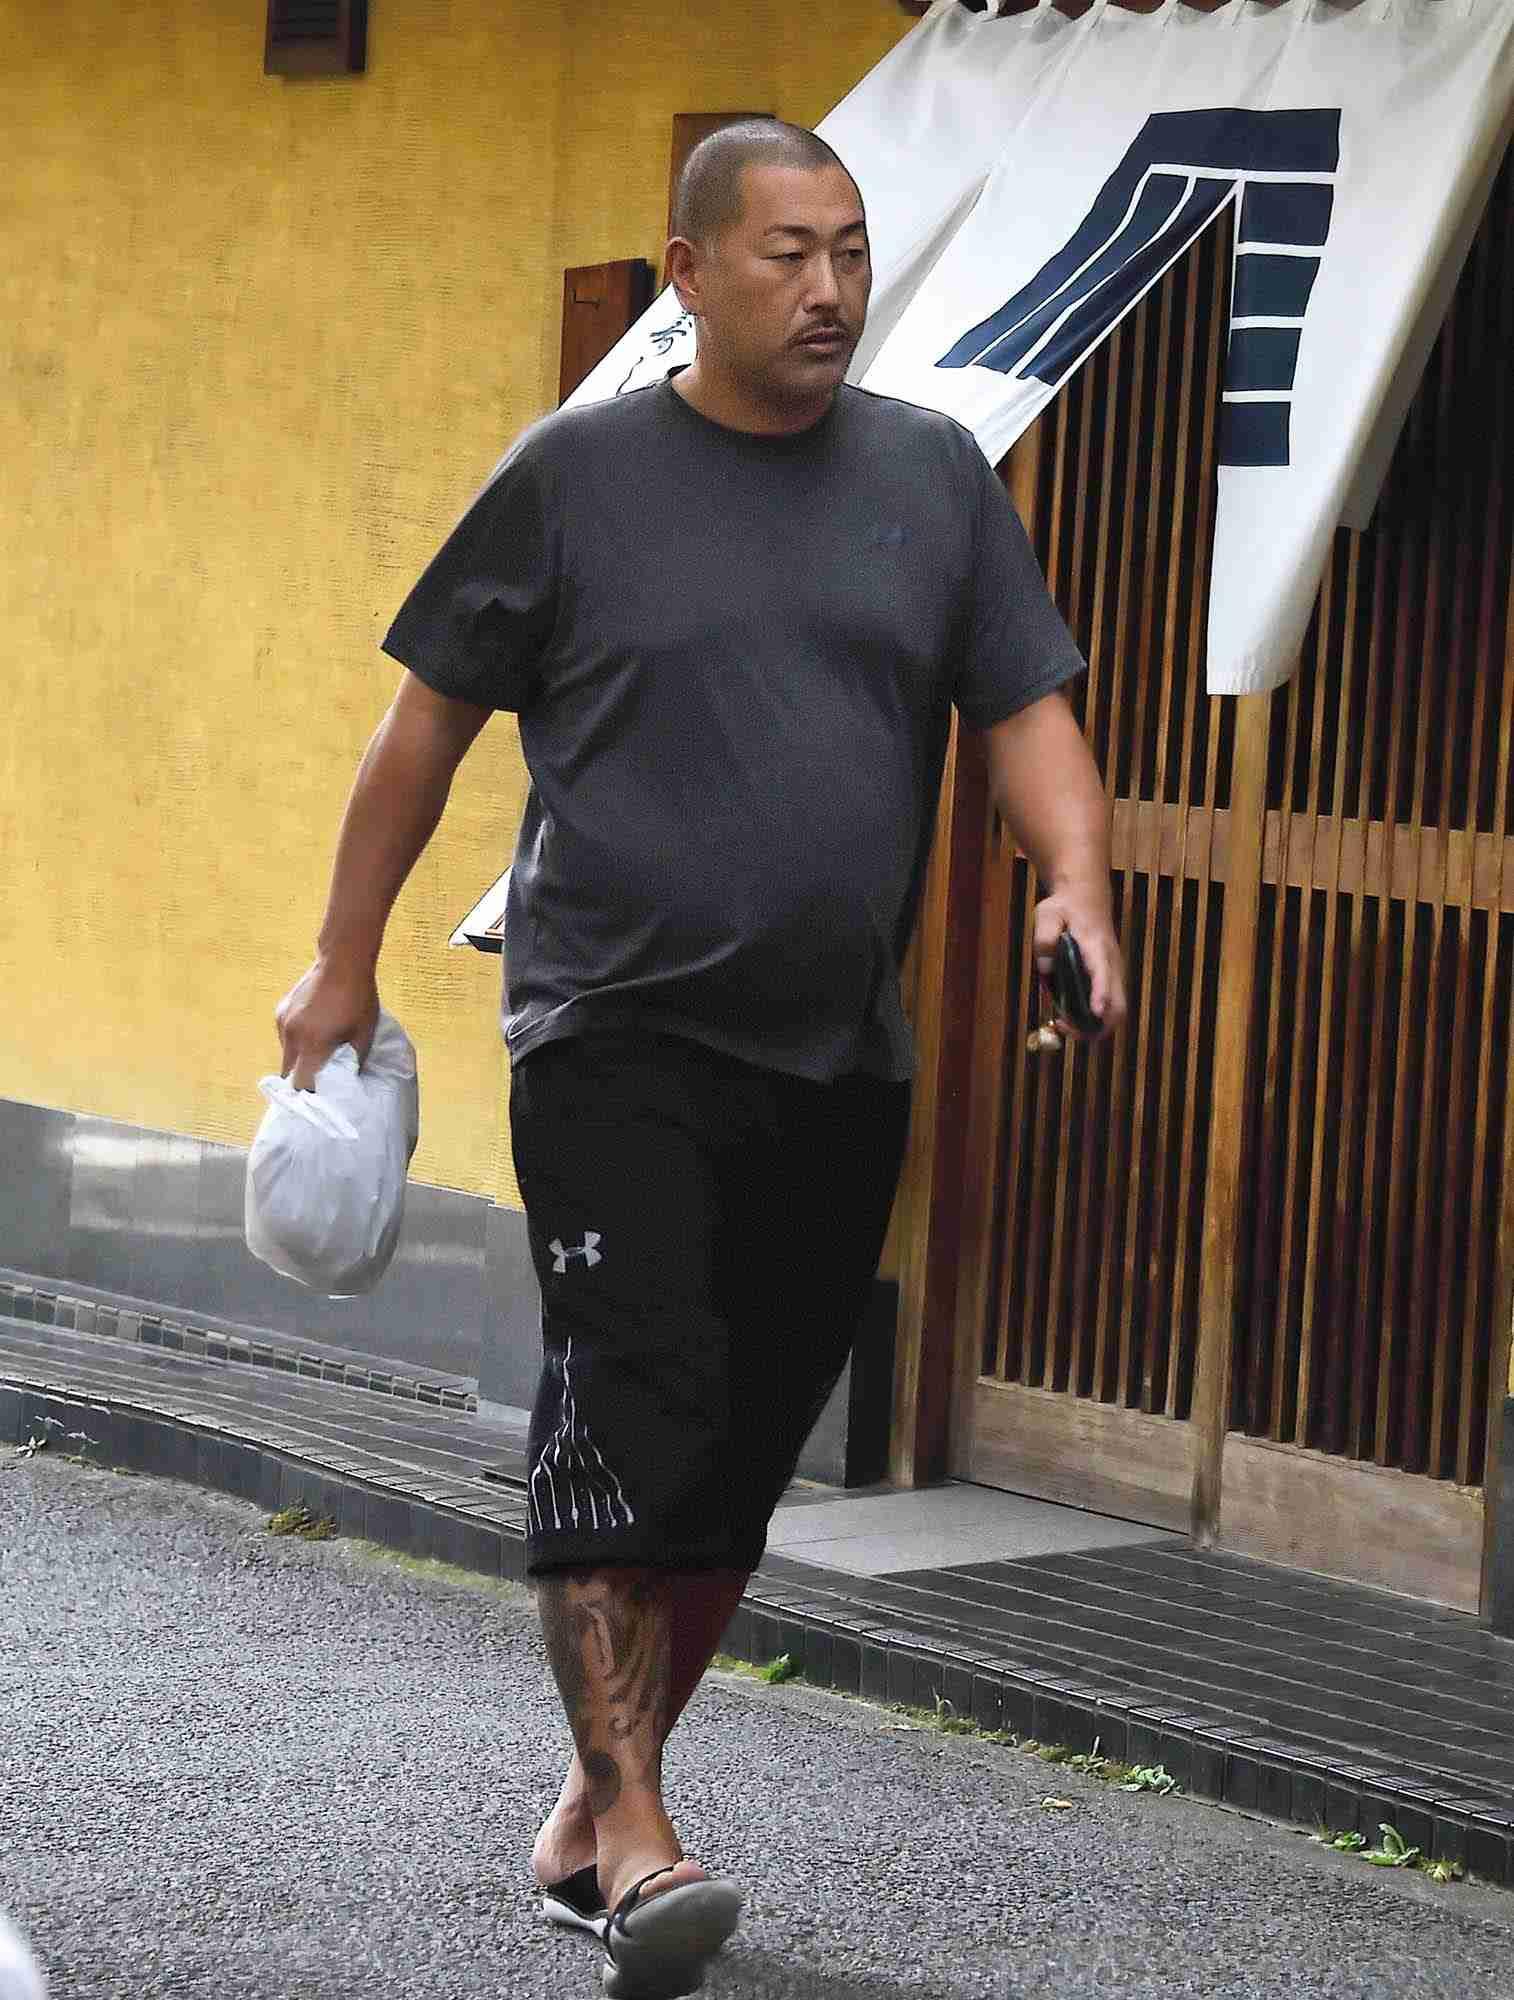 清原和博氏「自由に子供に会えへんのが一番ツライ」脚の刺青もあらわに自宅近くのコンビニに…